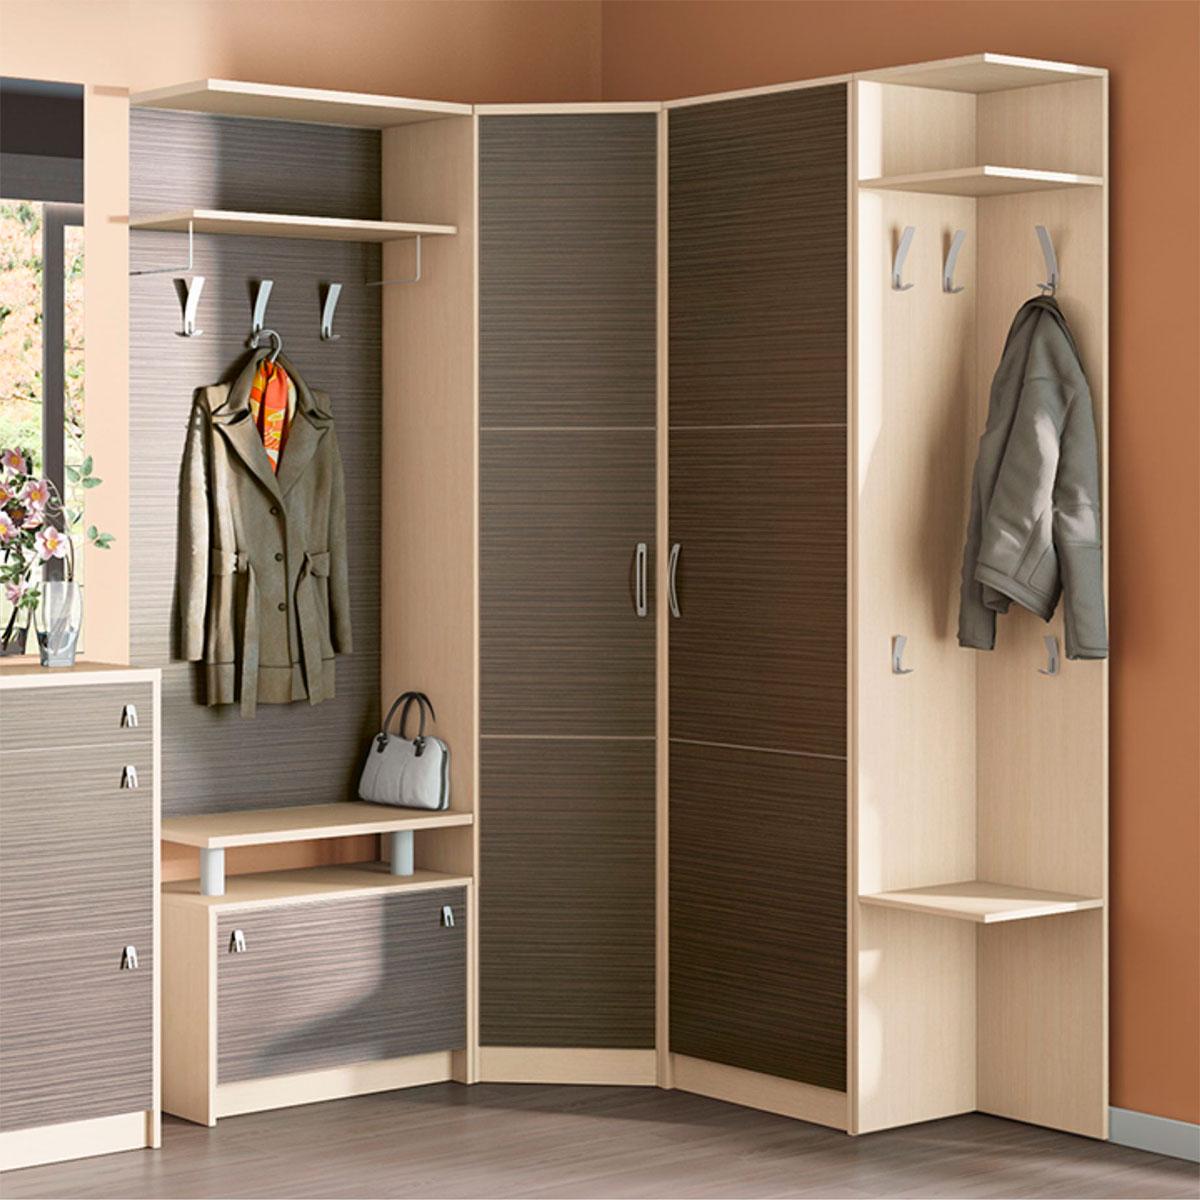 Мебель для прихожей угловая 7 под заказ в минске, возможна р.